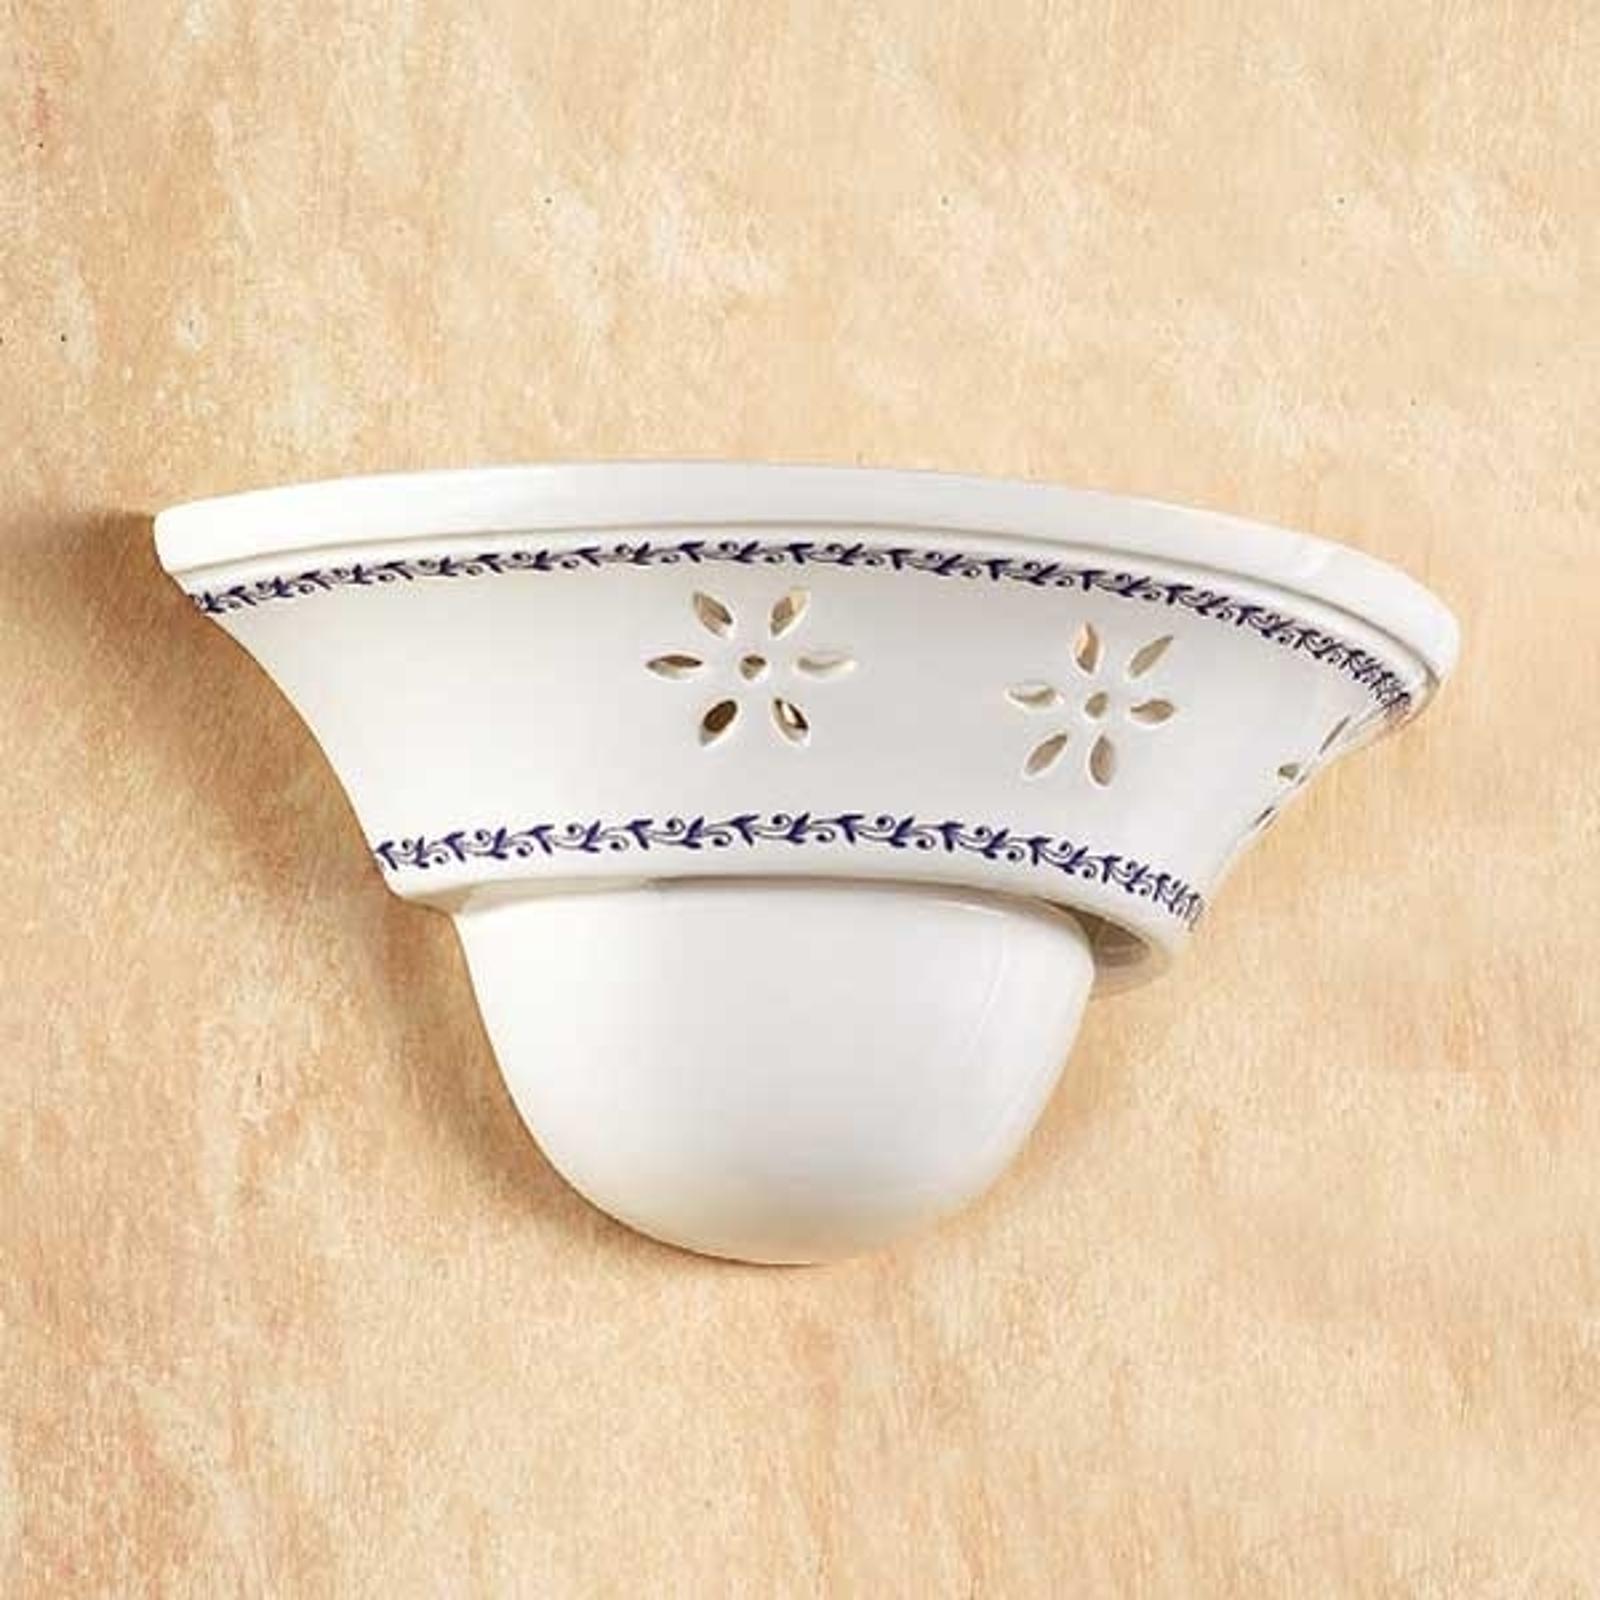 Nástenné svietidlo Il Punti s keramickou miskou